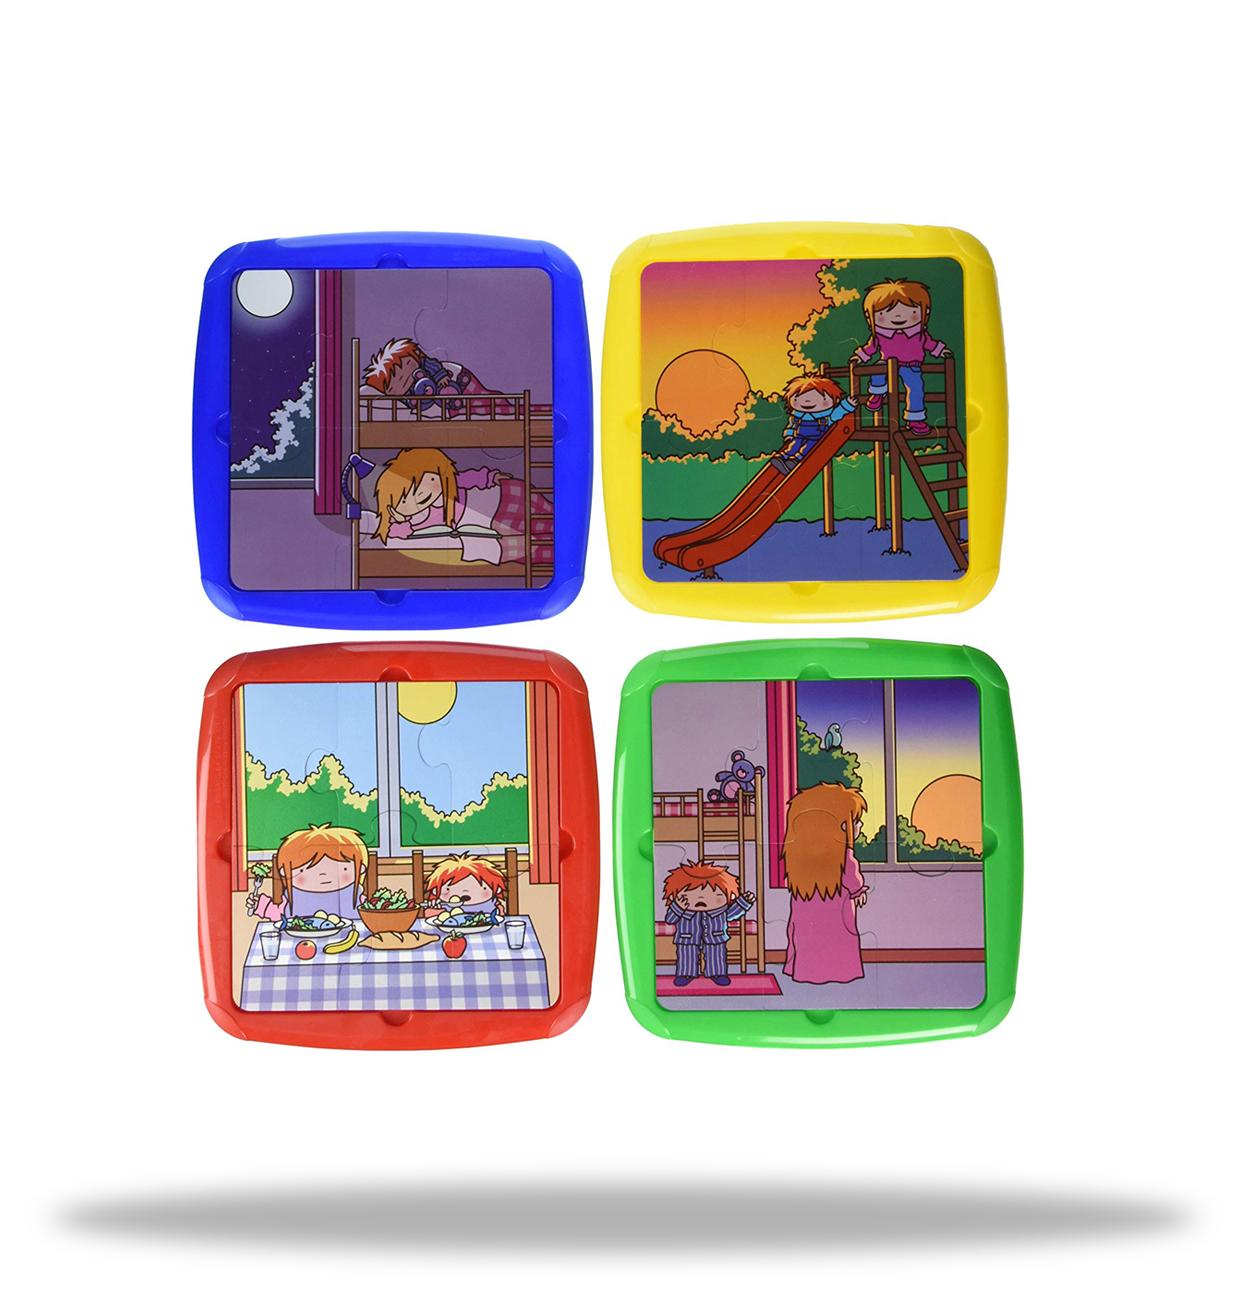 Puzzle fases del dia - Miniland